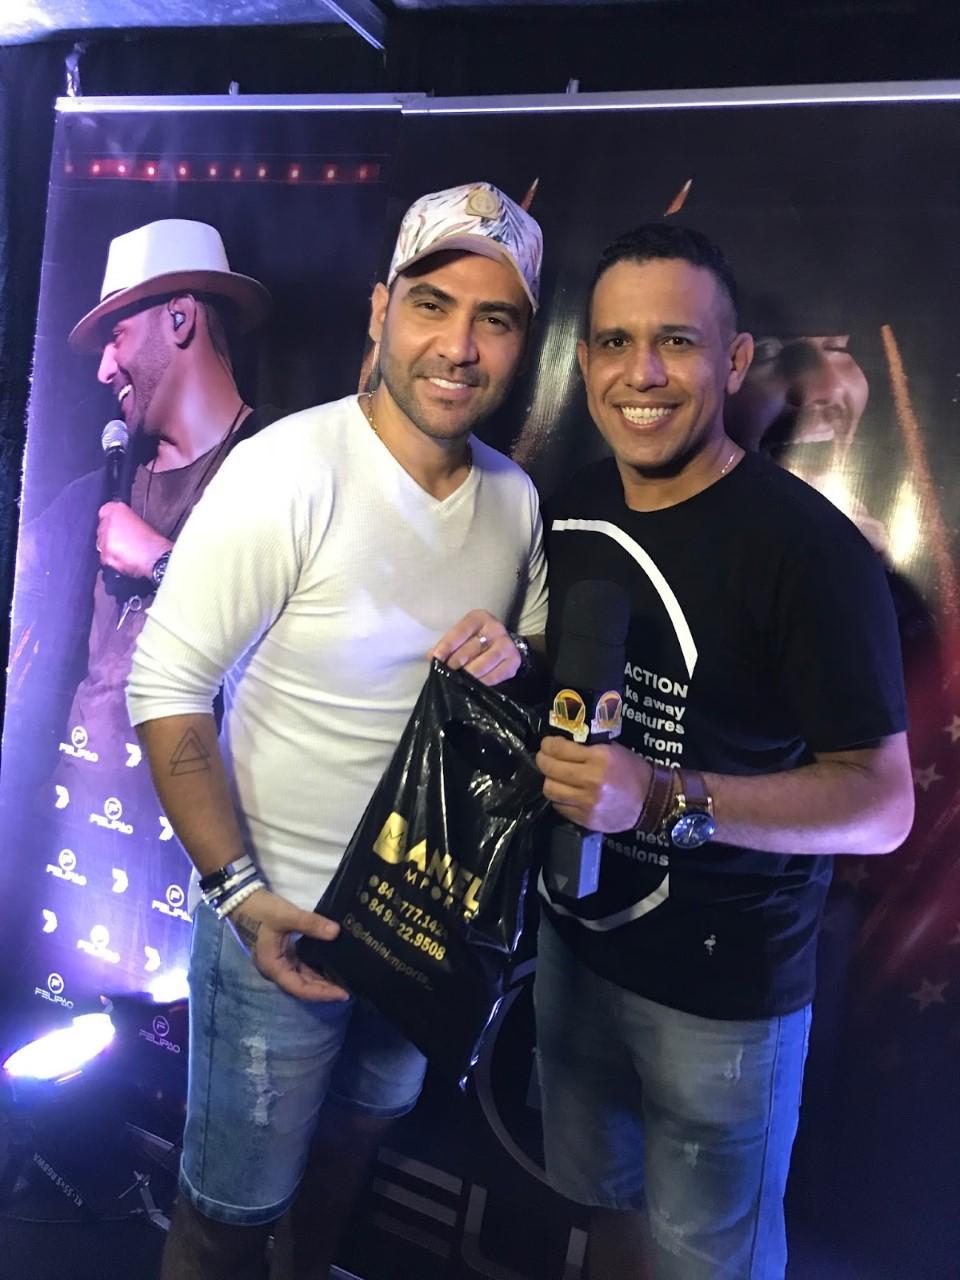 O apresentador e radialista Raílson Carlos marcou presença no show do Felipão em Canoa Quebrada e fez a cobertura do evento para o programa Forrozão na TV.